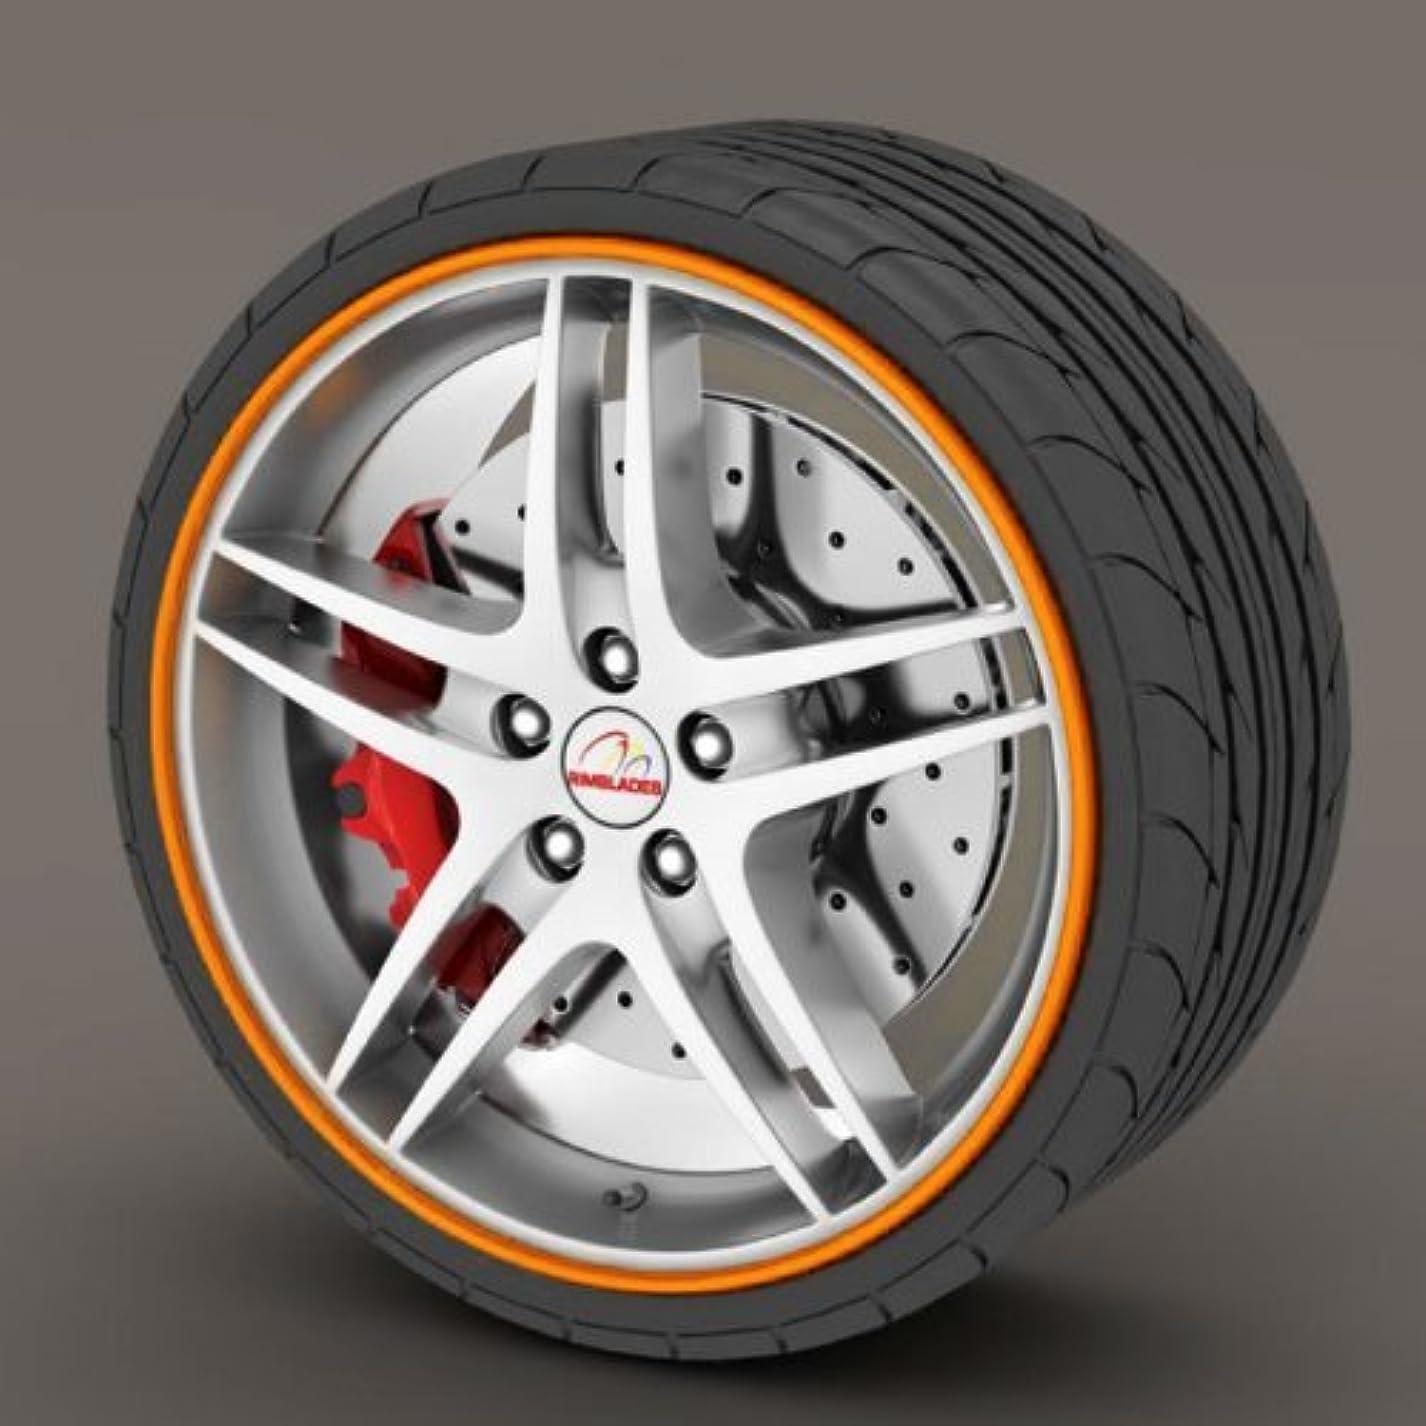 バスルーム掻くリスナーKabis Wheel protector - Orange / Rimblades / Rim Guard チューニングホイール22インチ以下のホイールプロテクターホイールに様々なカラーでポイント